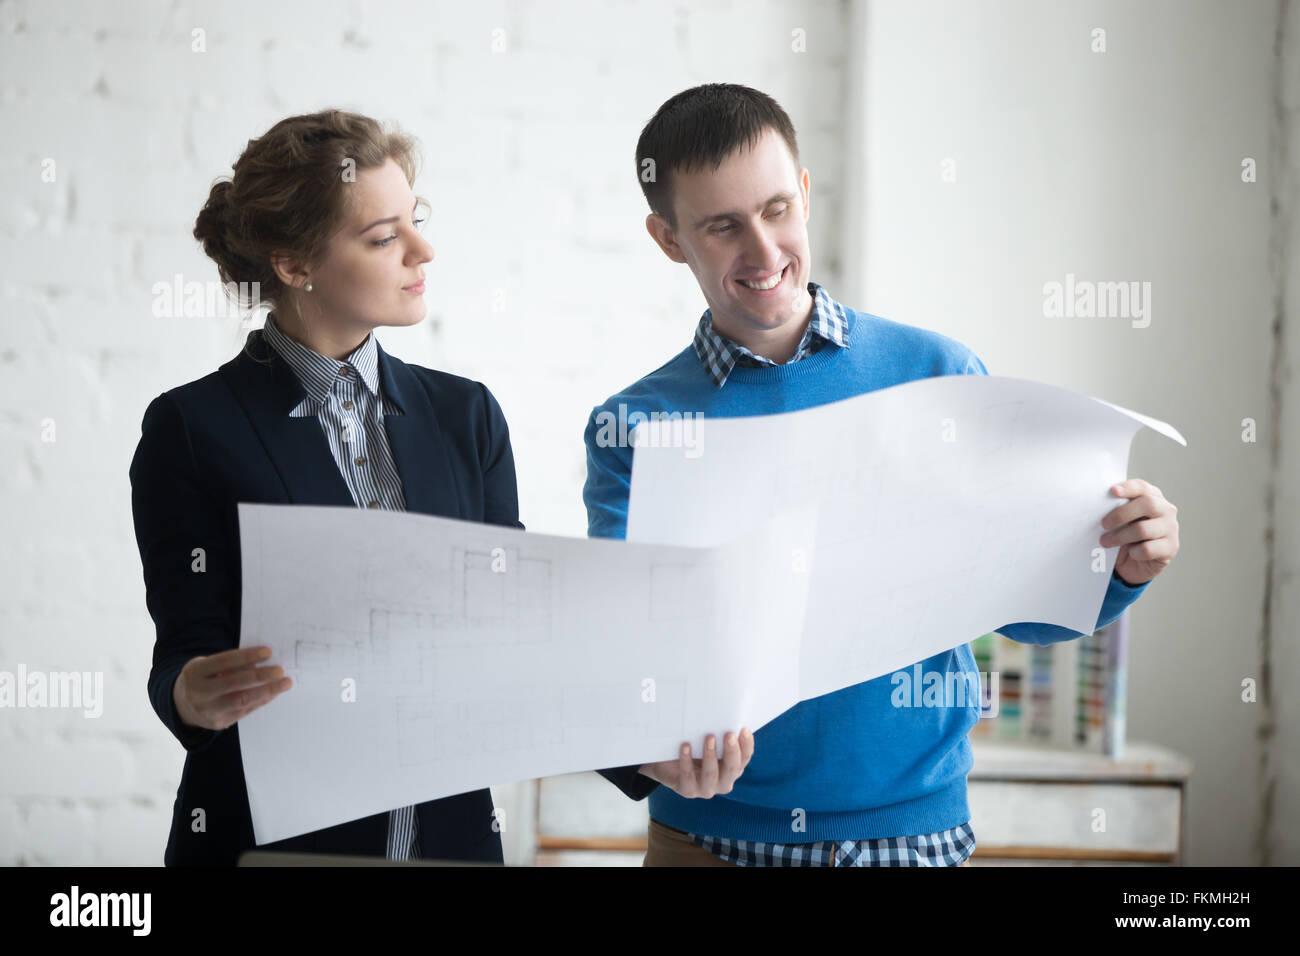 Zwei Kollegen Tagung diskutieren Konzept für neues Projekt und hält Blaupausen, Planungsarbeiten. Geschäftsentwicklung Stockbild